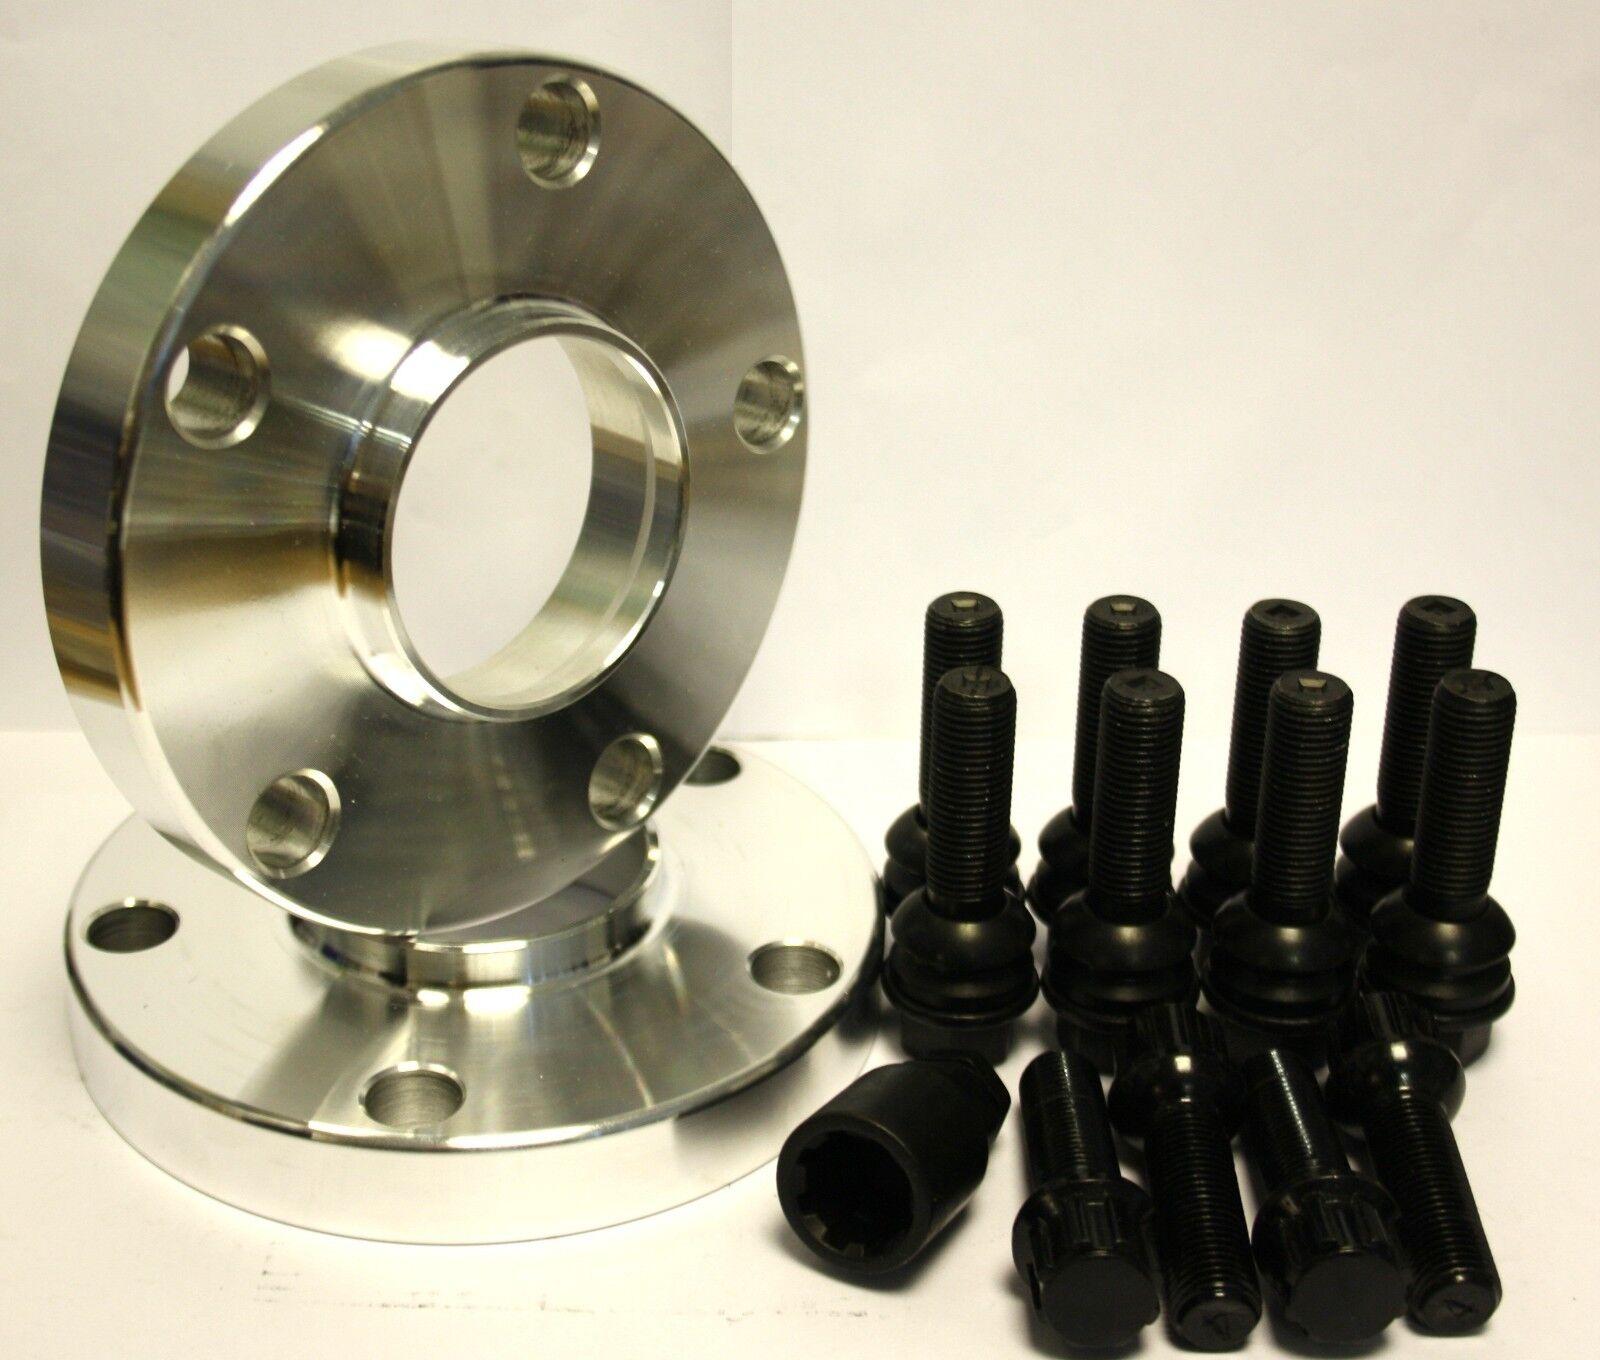 2 X 20mm Spurverbreiterung Spurverbreiterung Spurverbreiterung + Schwarz Oe-R Schrauben & Verriegelung 4198b5